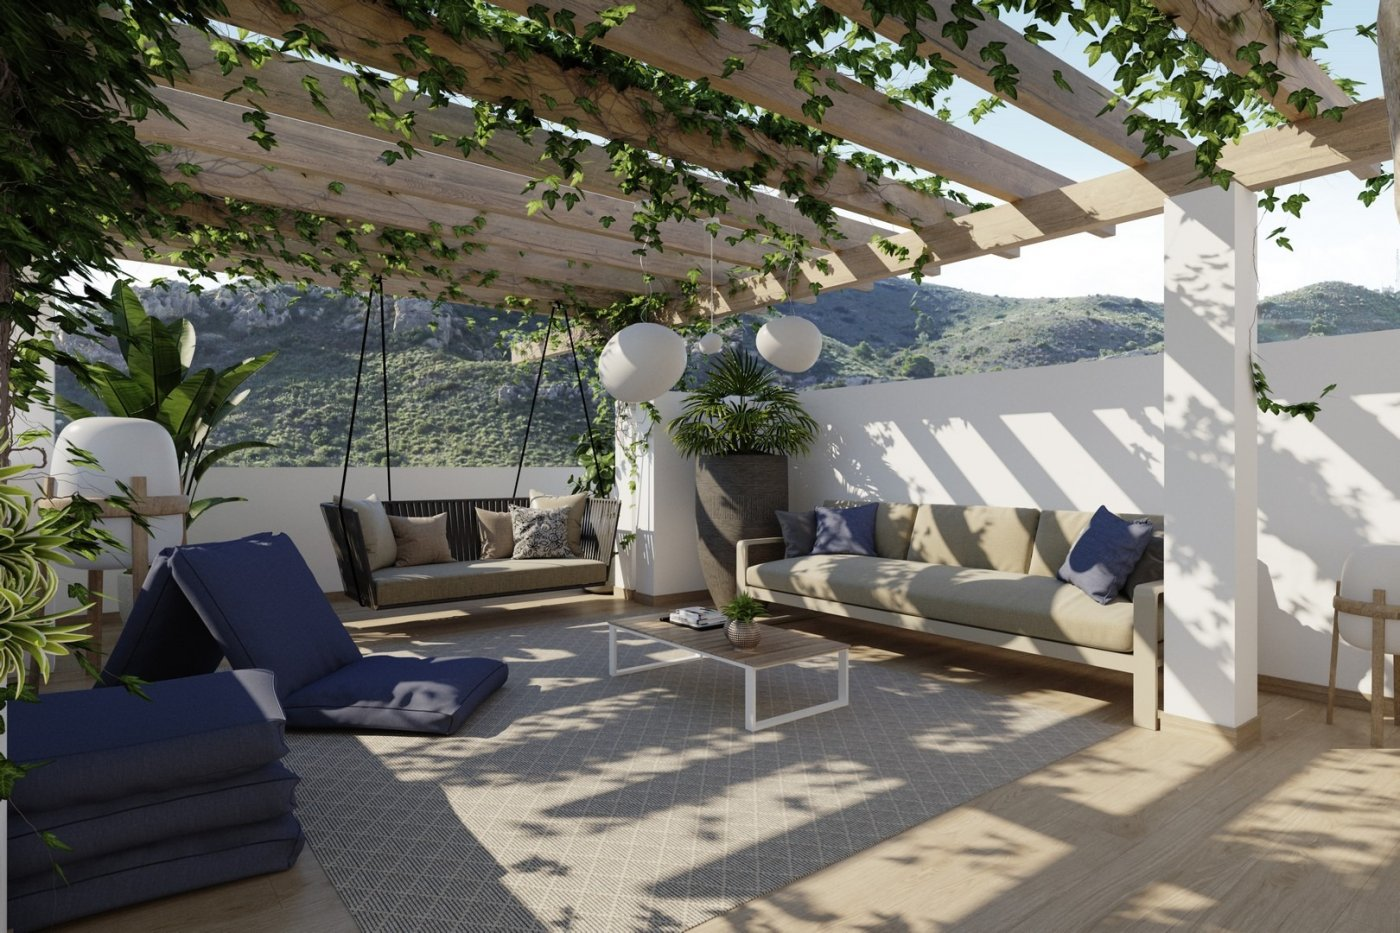 Bungalow planta alta con solarium privado en campo golf font del llop - imagenInmueble0